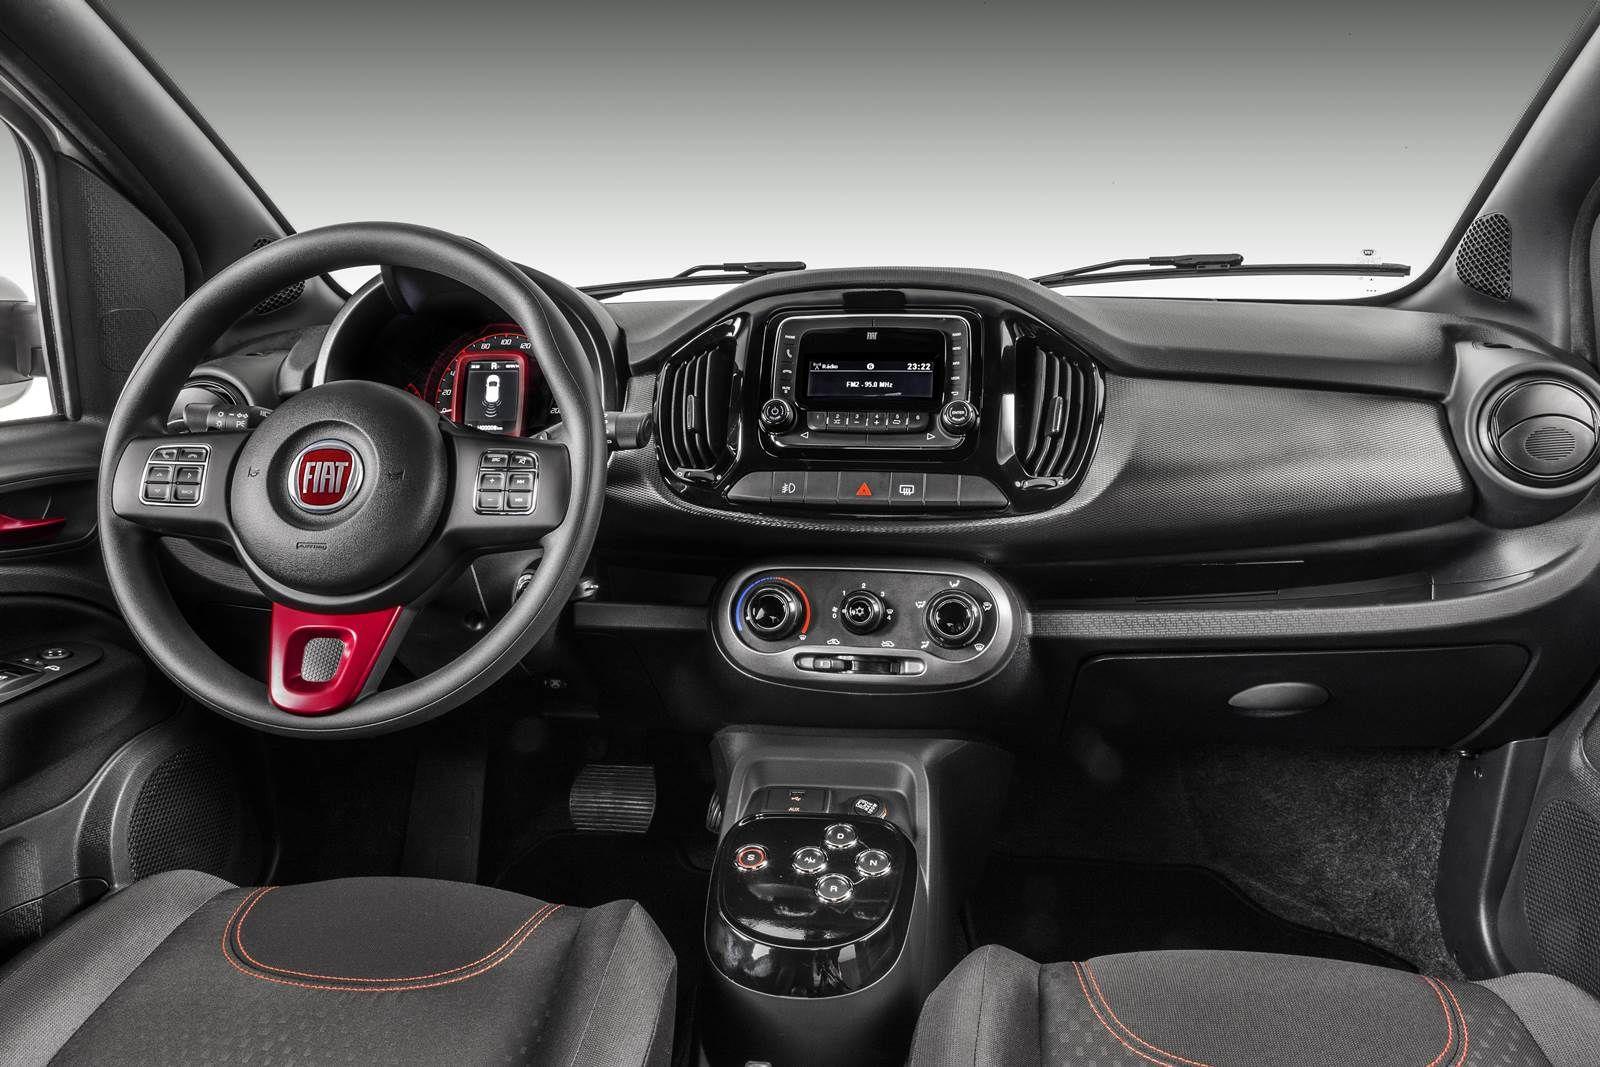 Novo Fiat Uno 2015 Video Mostra Detalhes Das Versoes Com Imagens